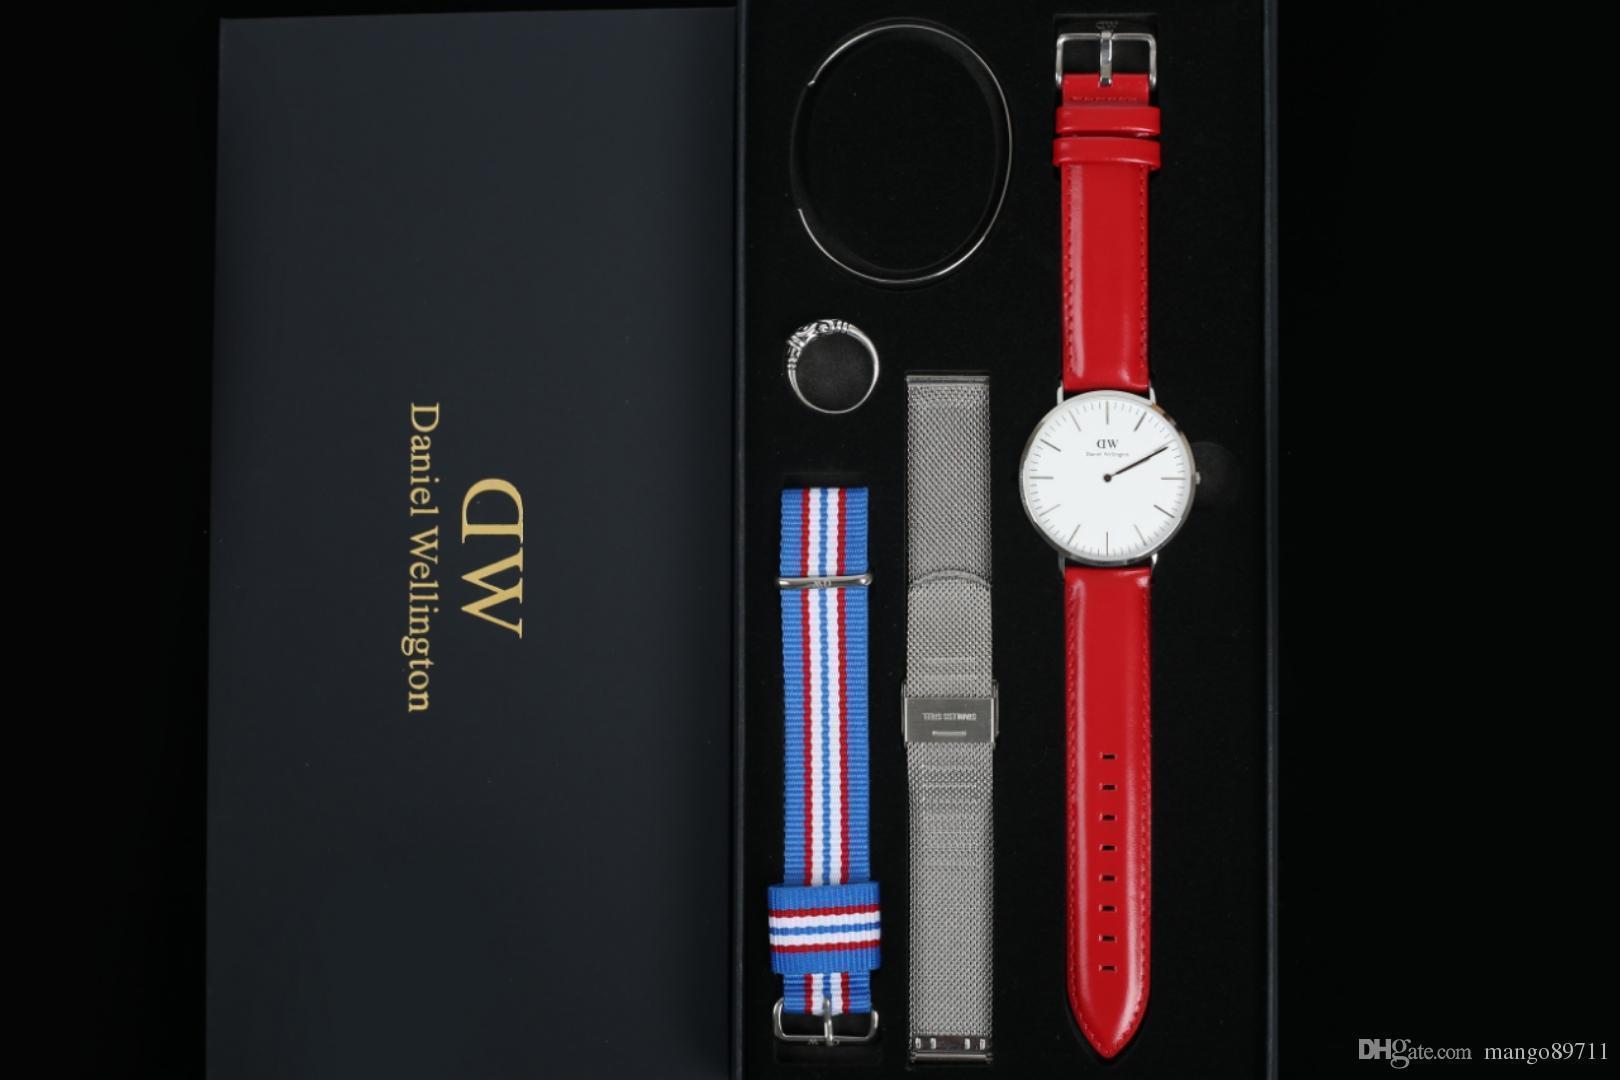 Designeruhren Herren Daniel Wellington Dw Uhren Herren Sport Freizeituhr Damen 36mm Mode Quarzuhr / set Armbanduhr